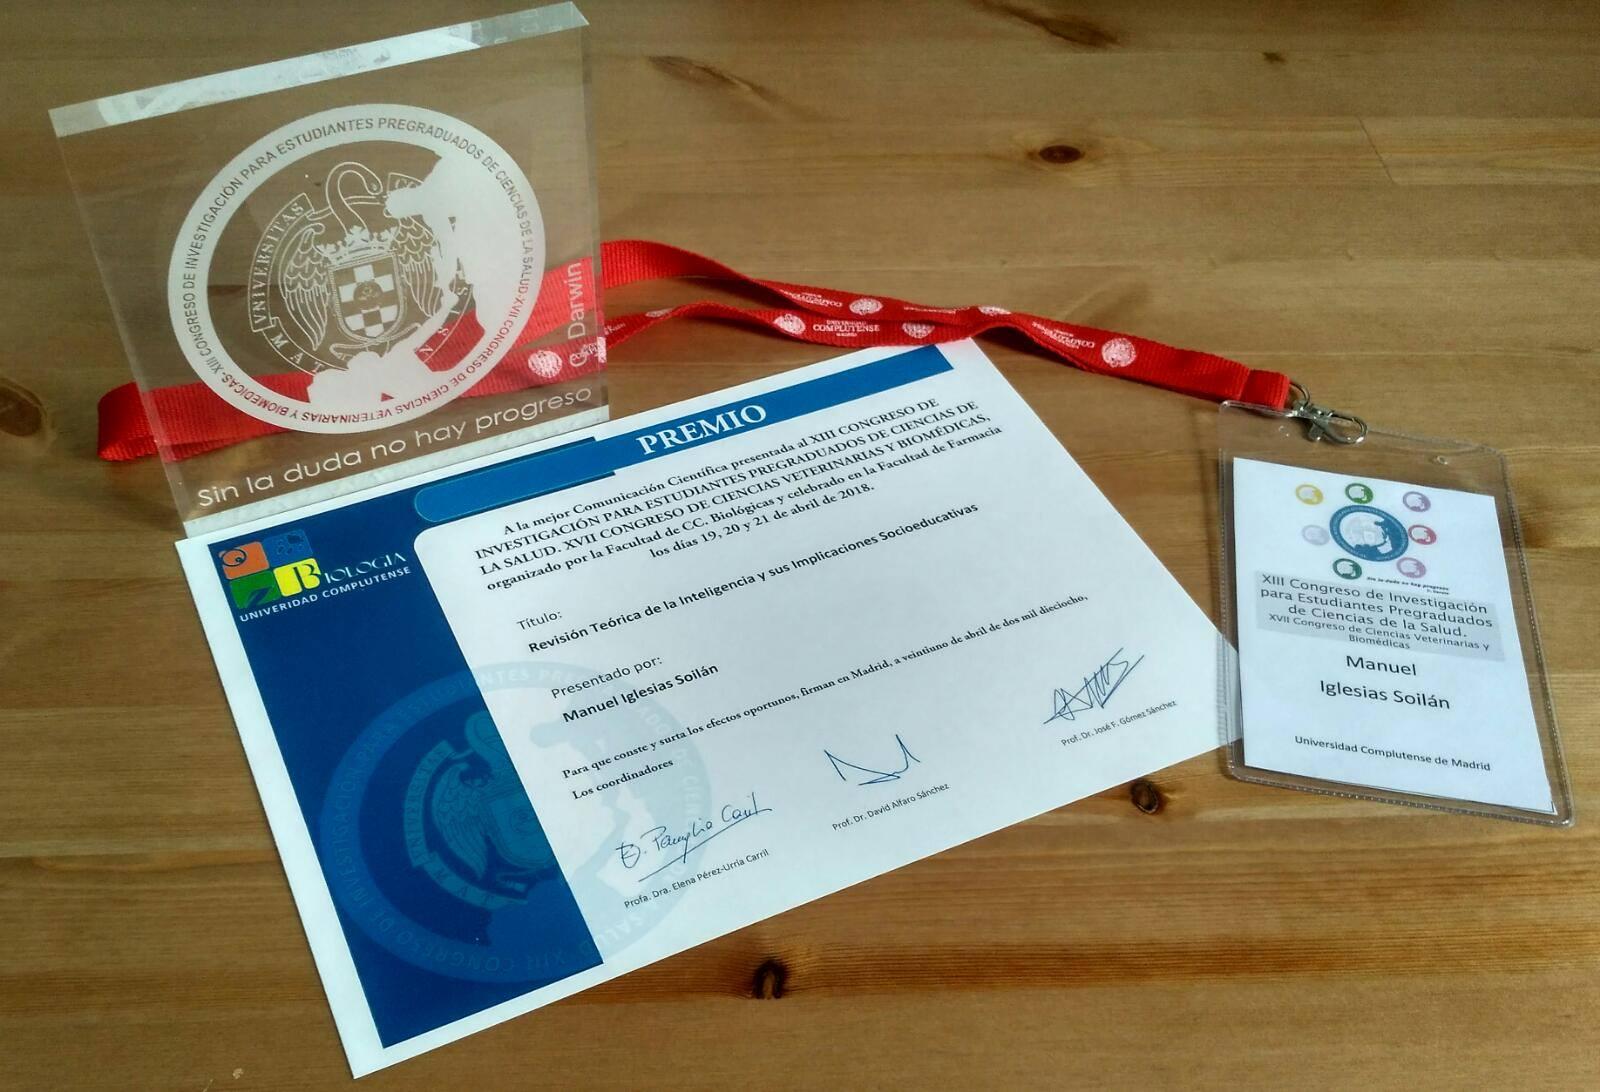 Premio a la Mejor Comunicación Científica y la placa de la Universidad Complutense de Madrid.